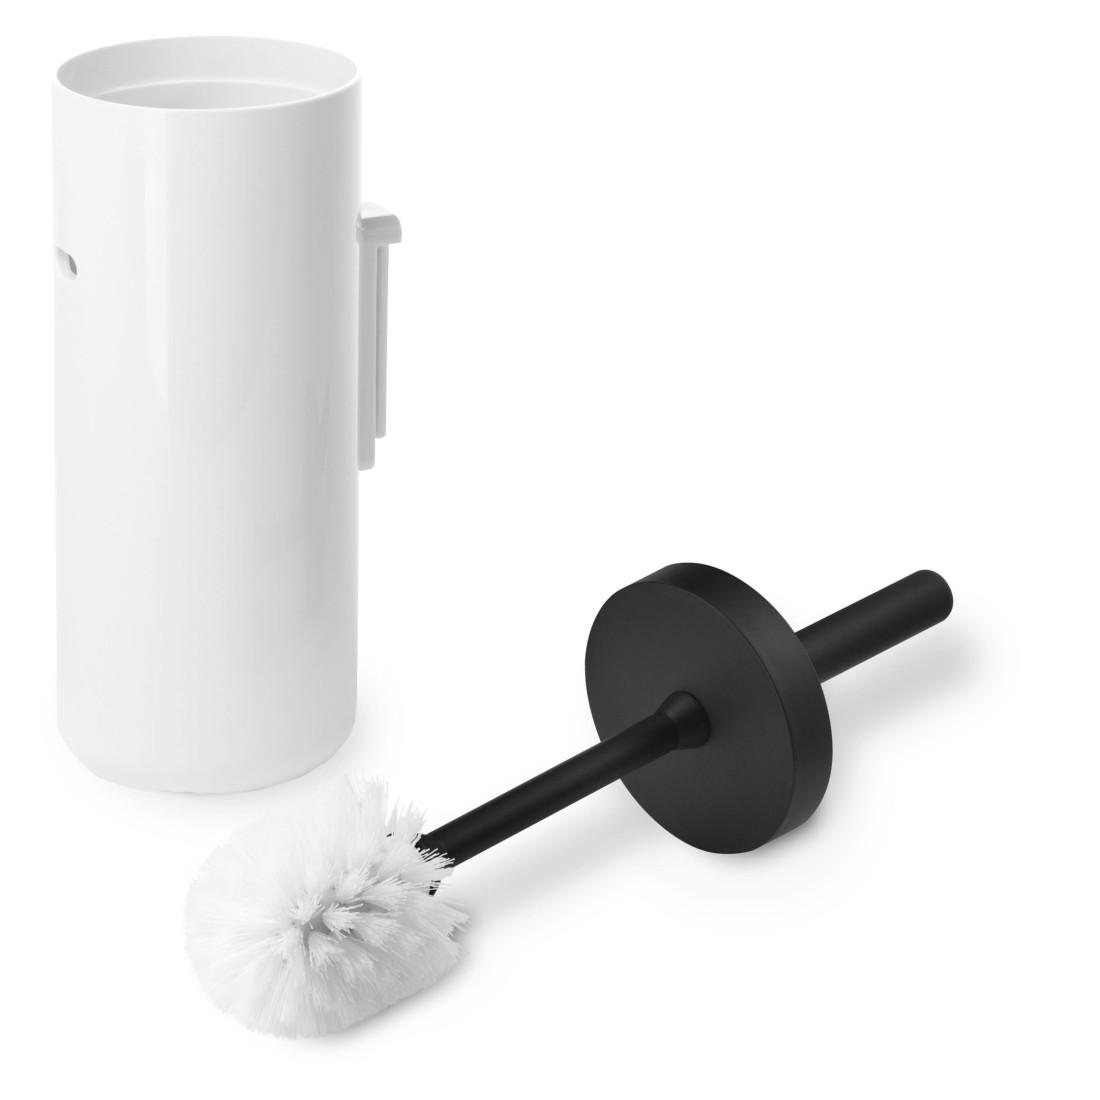 Wand-WC-Garnitur Lunar – ABS-Kunststoff Weiß/Schwarz, Authentics online bestellen